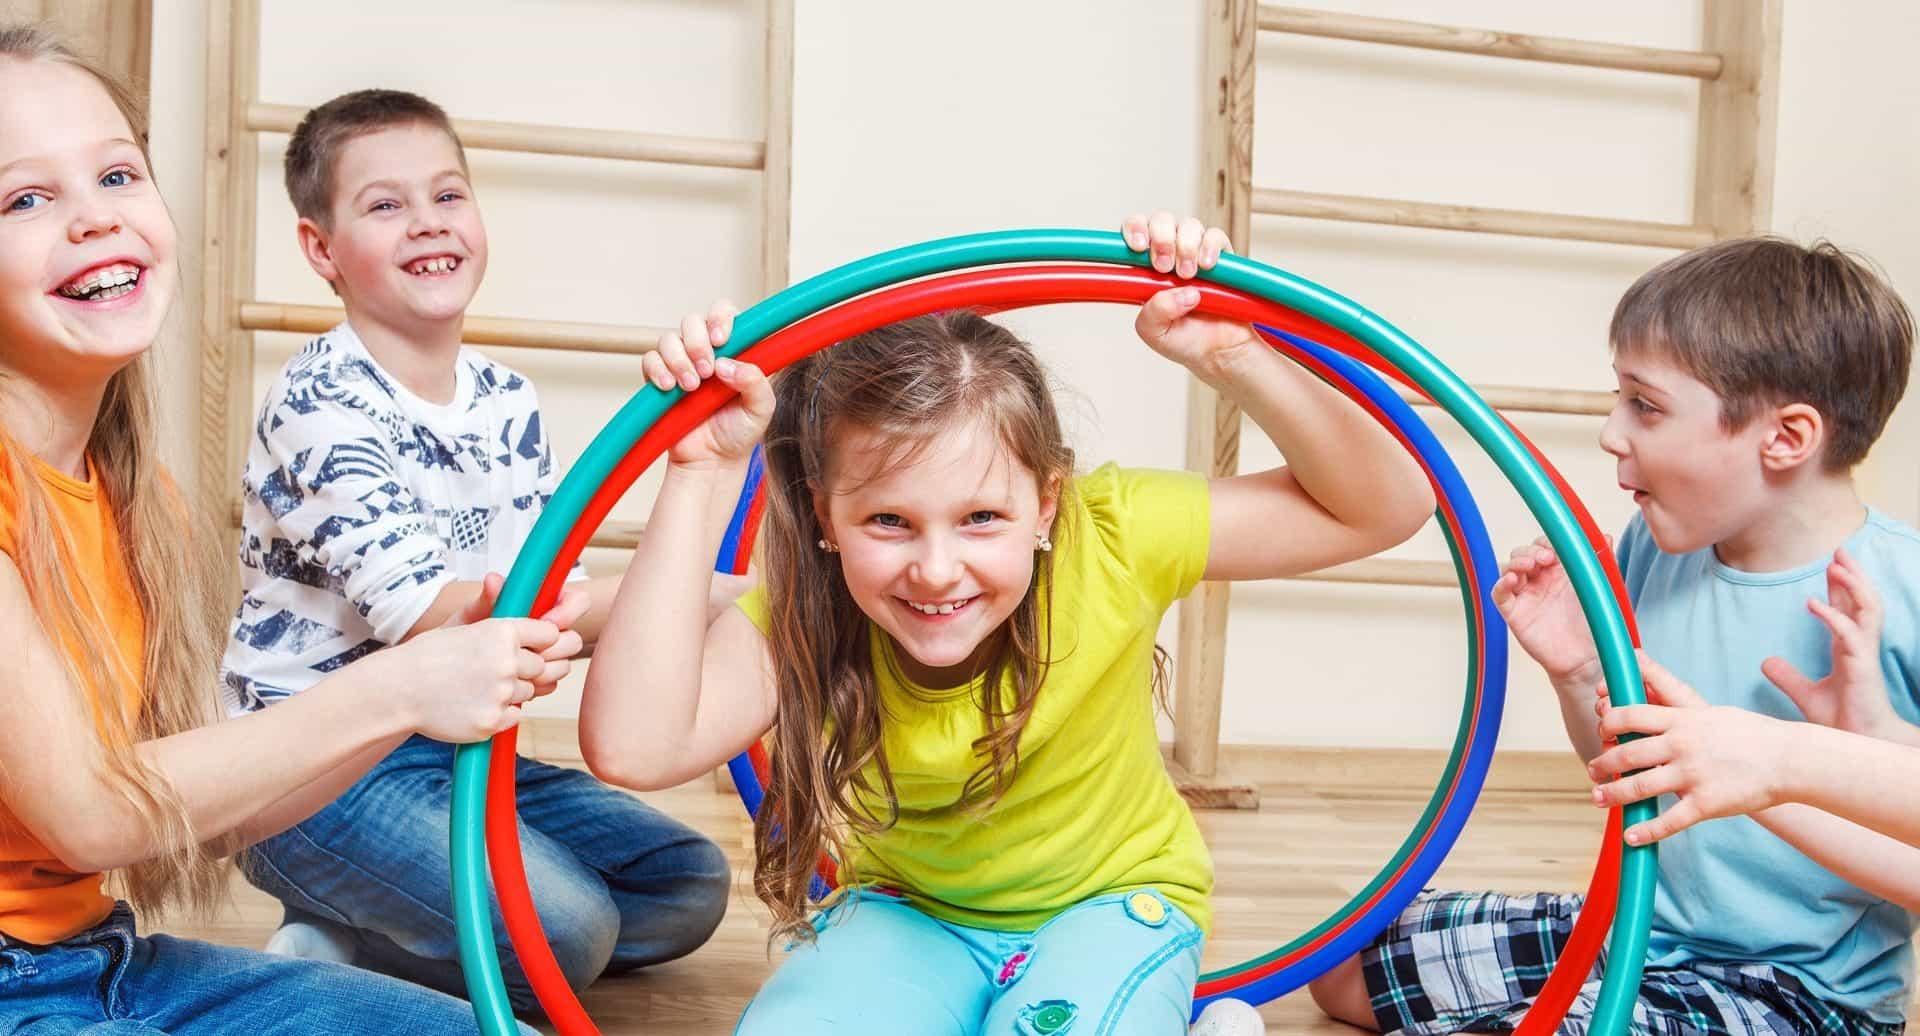 salon de juegos infantiles carilo las 4 estaciones